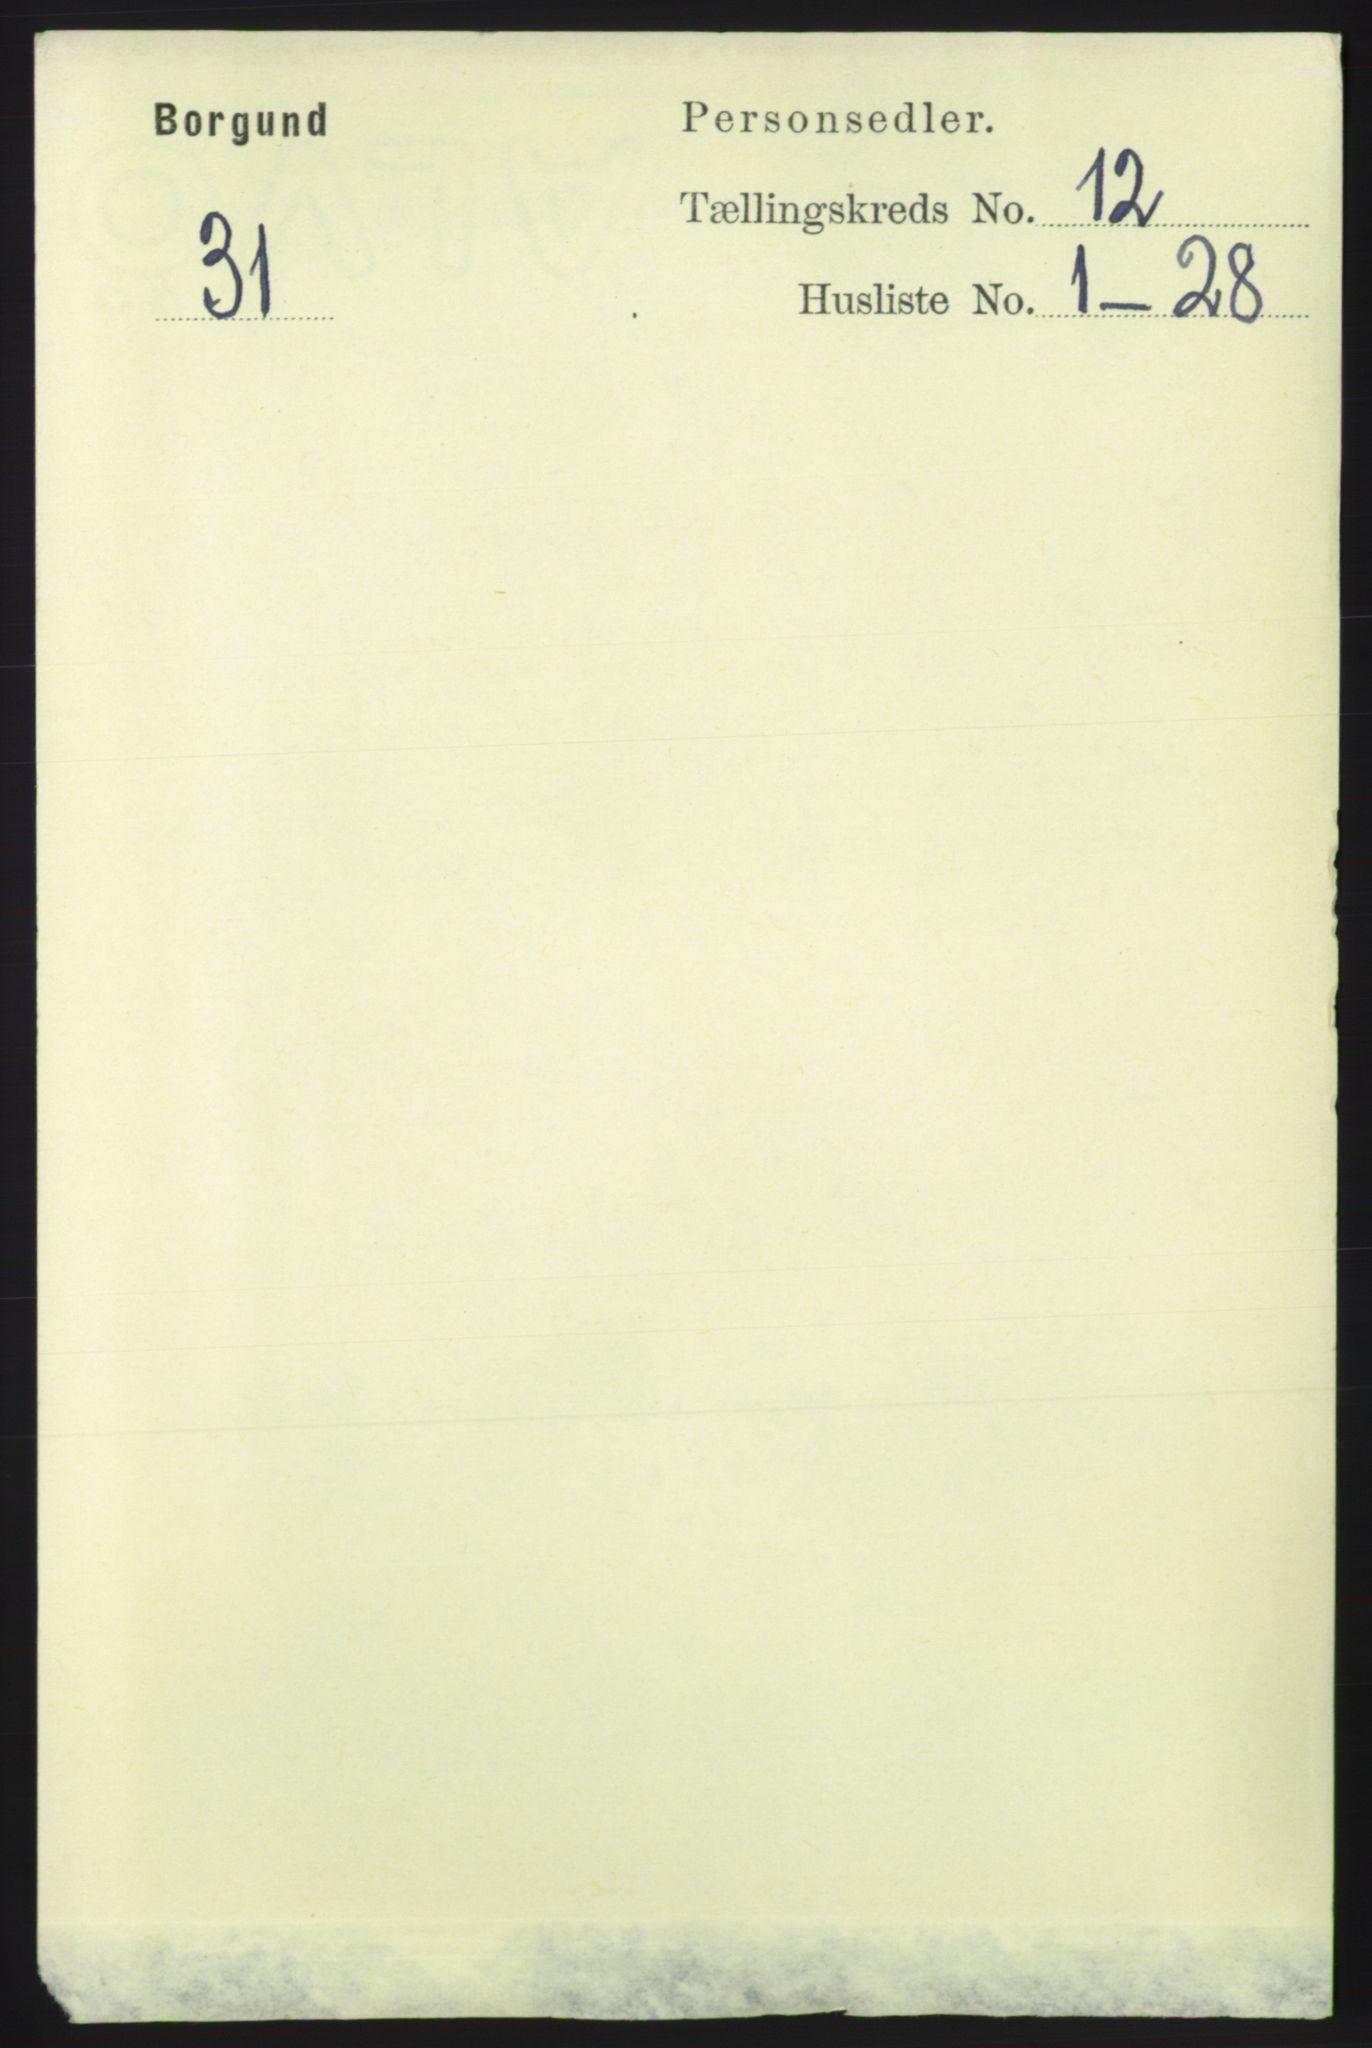 RA, Folketelling 1891 for 1531 Borgund herred, 1891, s. 3195